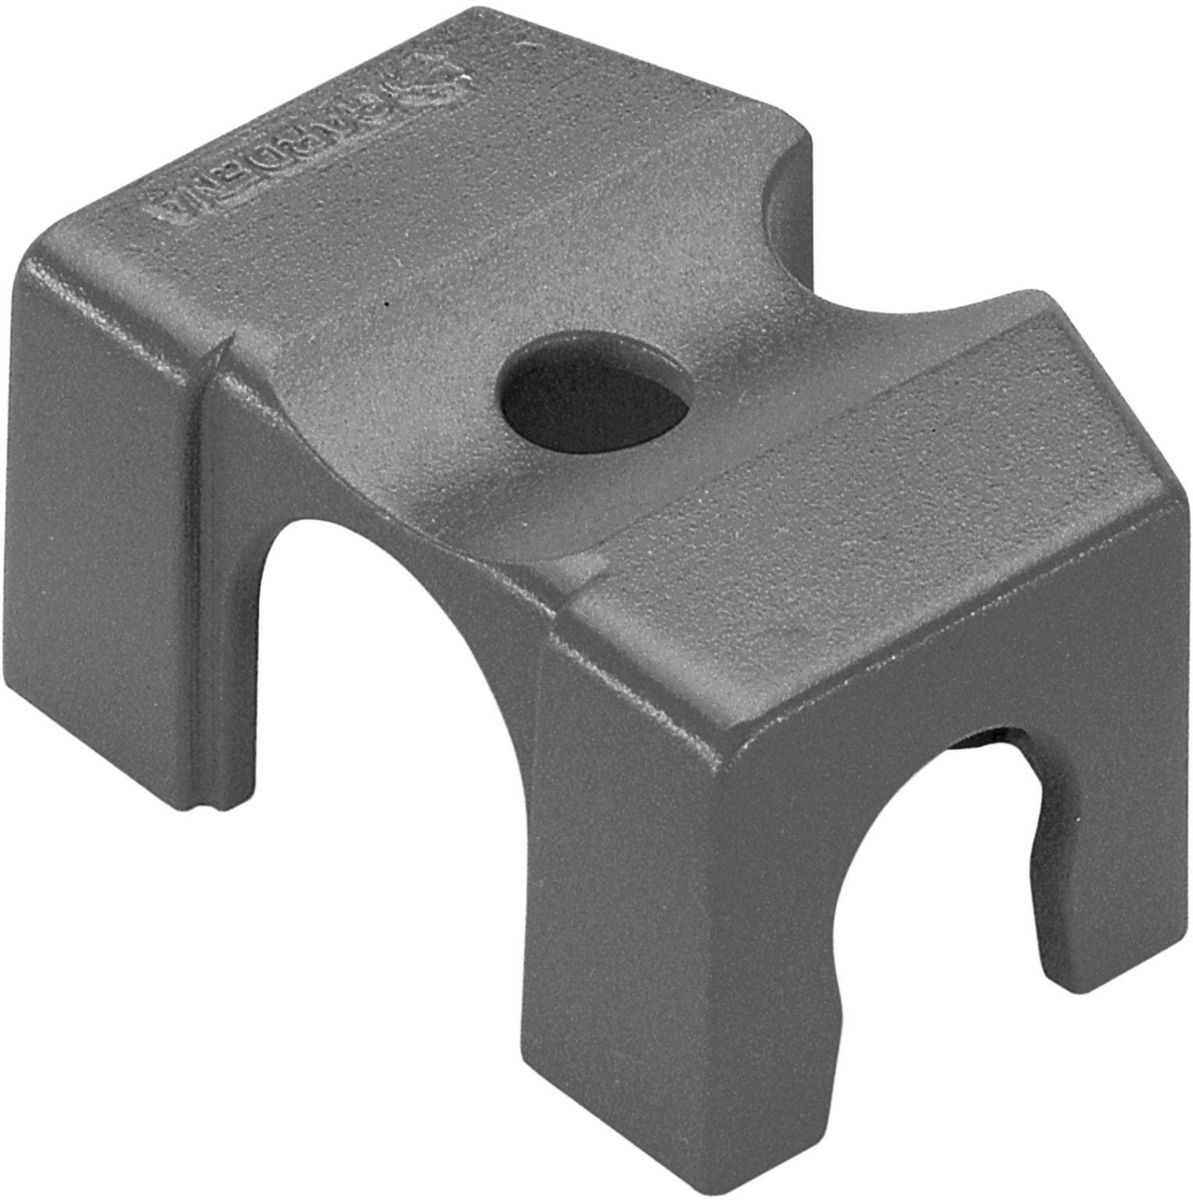 Крепление Gardena, резьба 13 мм (1/2), 2 шт08380-29.000.00Крепление Gardena предназначено для простого и надежного закрепления шлангов системы микрокапельного полива Gardena Micro-Drip-System на твердой поверхности. Также крепление используется для закрепления микронасадок на магистральном шланге диаметром 13 мм (1/2 дюйма). Крепление в паре с Т-образным соединителем для микронасадок и надставкой (не входят в комплект) позволяет регулировать высоту микронасадок. В комплект поставки входят два крепления.